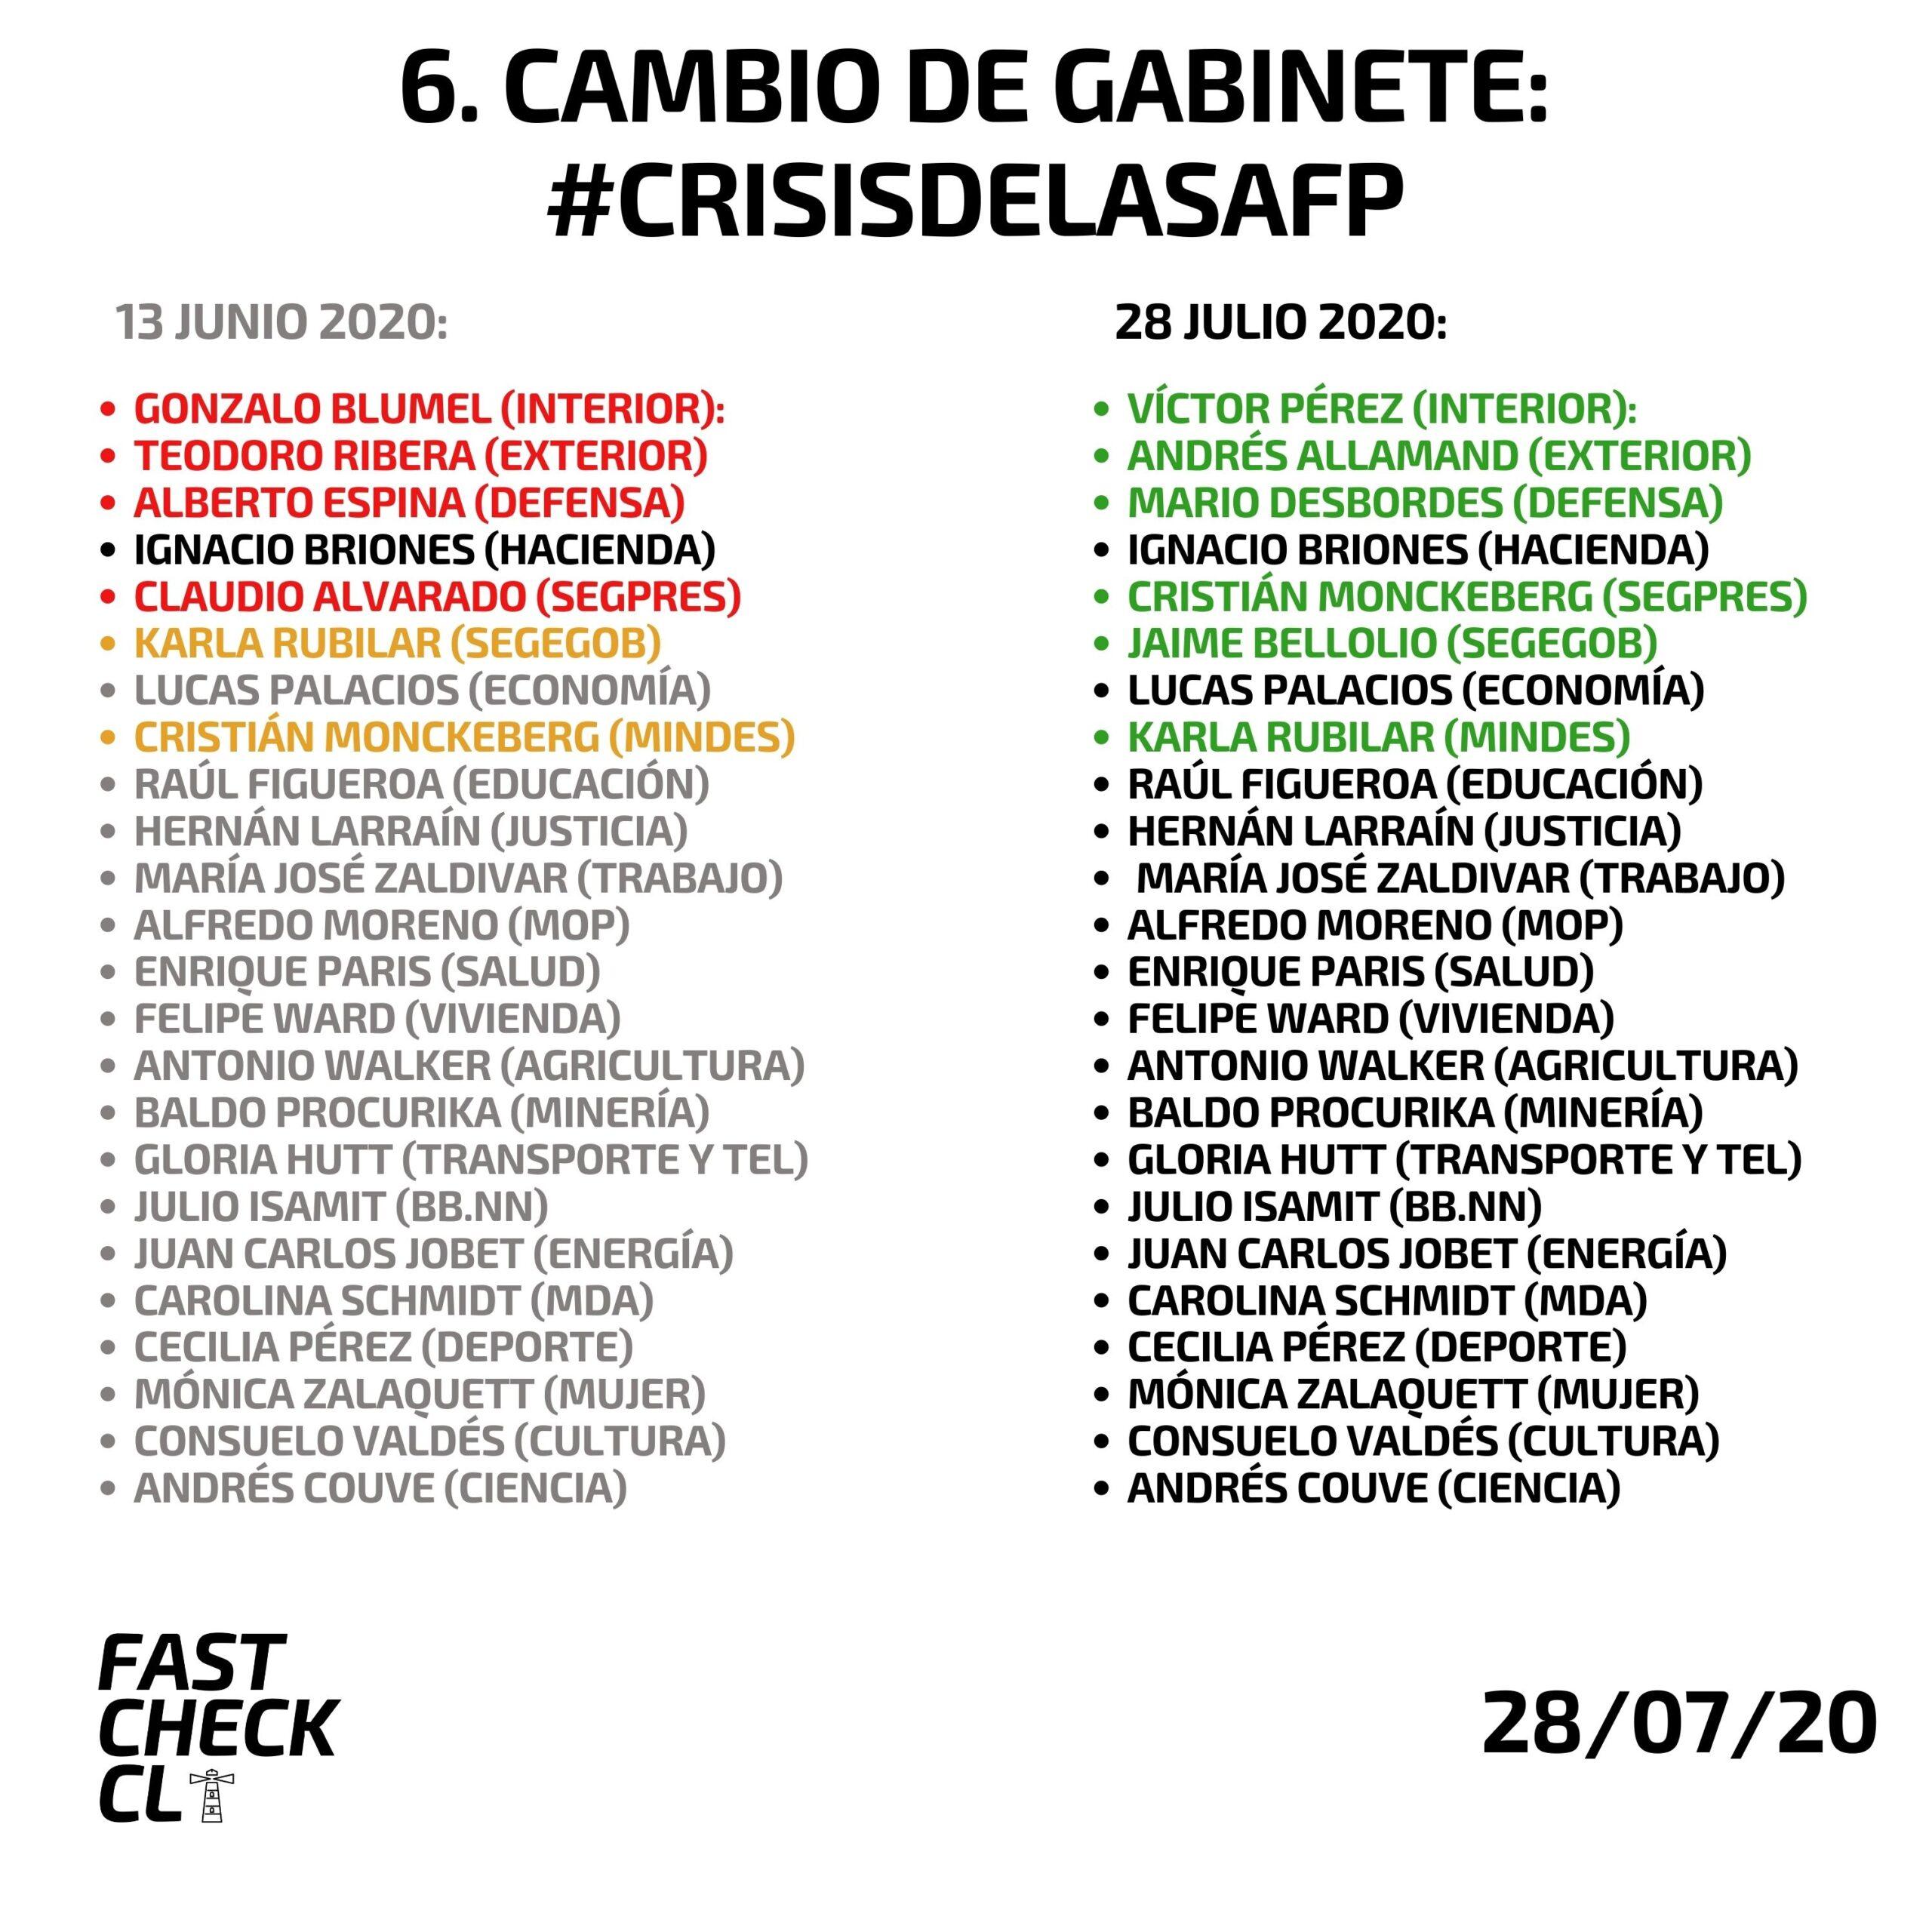 Sexto cambio de gabinete del gobierno de Sebastián Piñera (2018-2022)